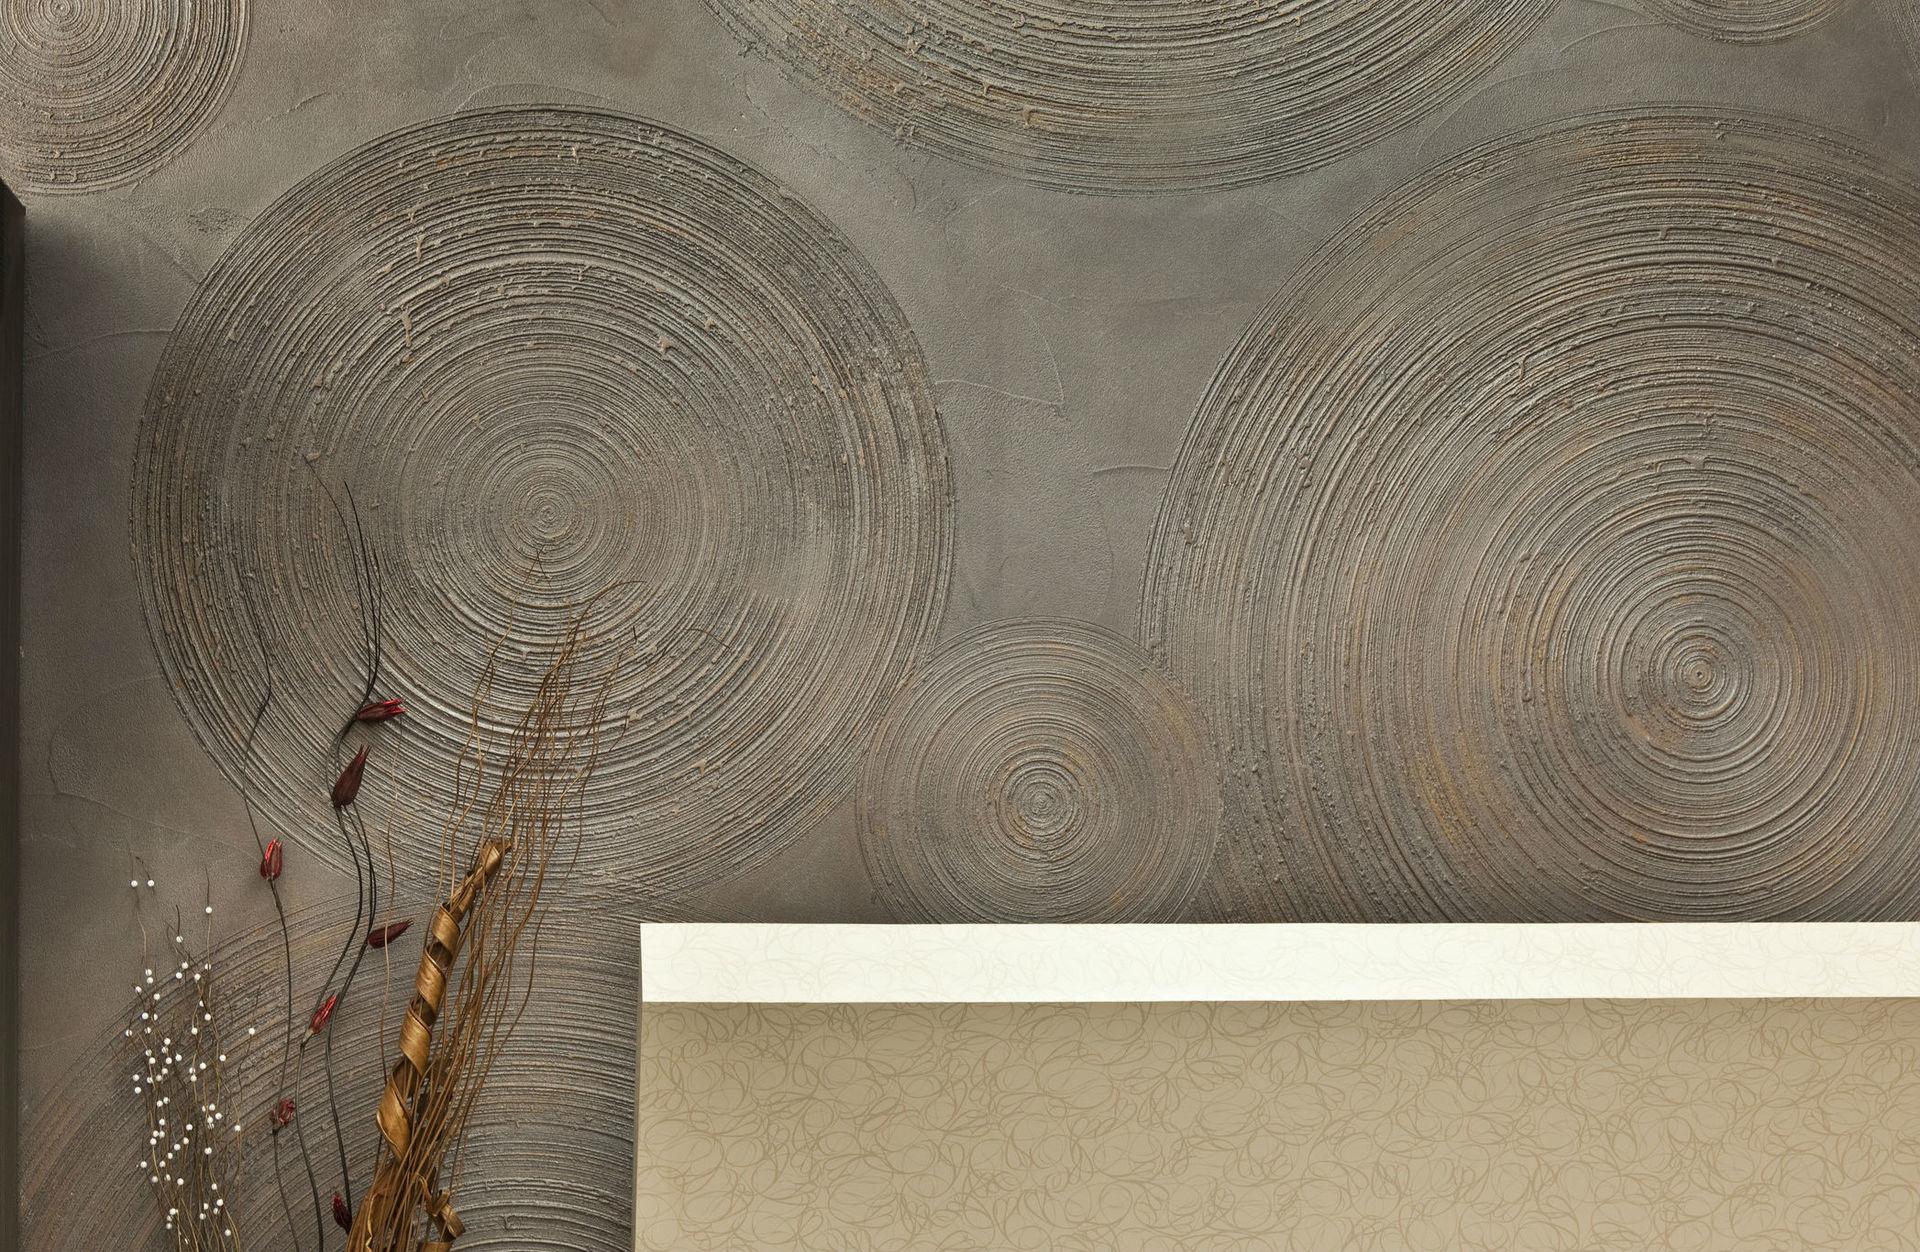 Декоративная штукатурка из обычной шпаклевки с узором